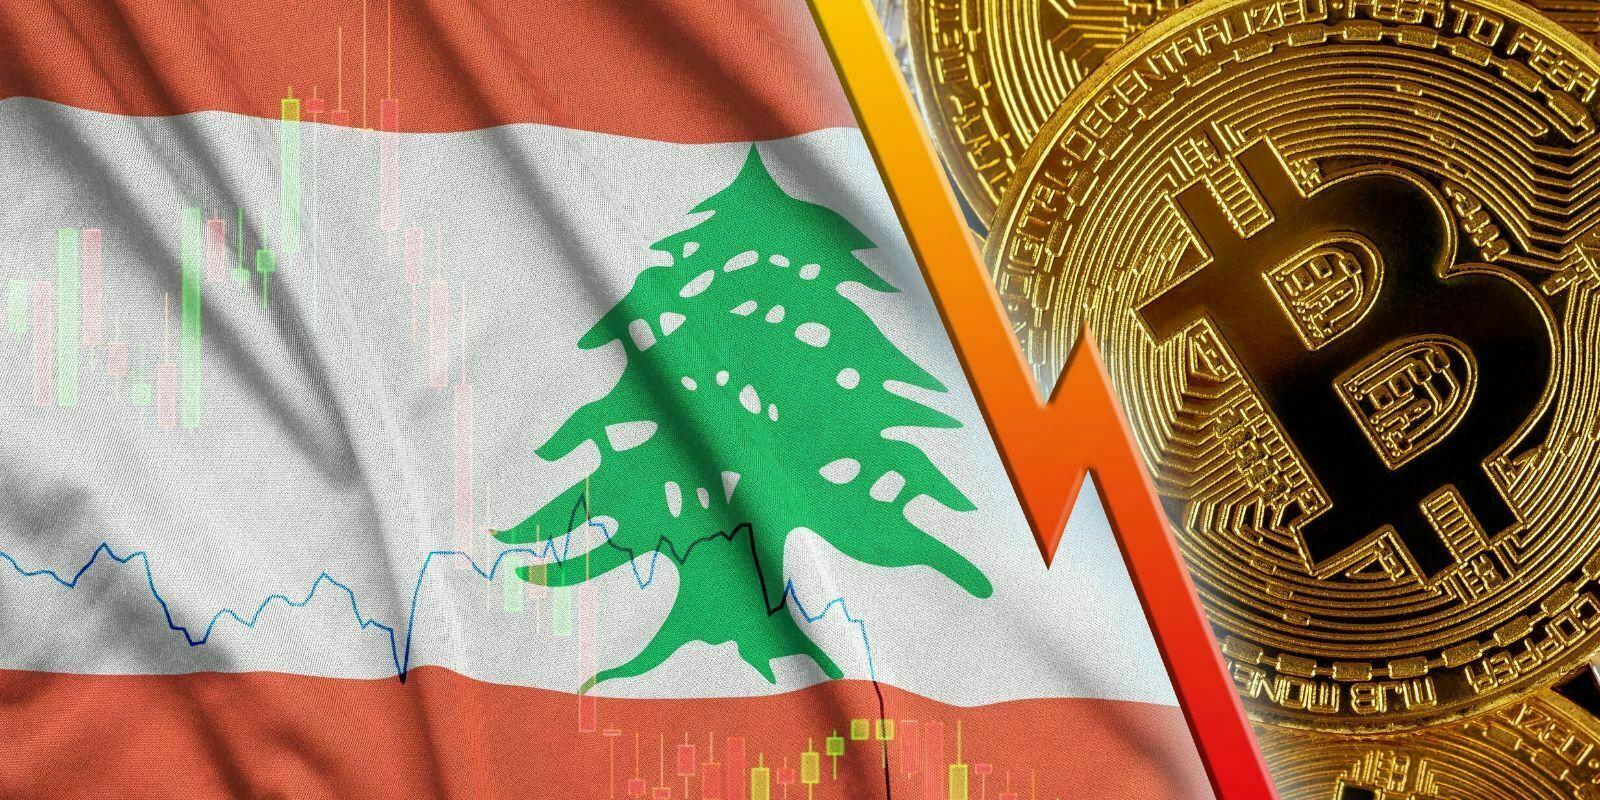 La livre libanaise chute de 50% en dix jours et atteint la valeur d'un satoshi